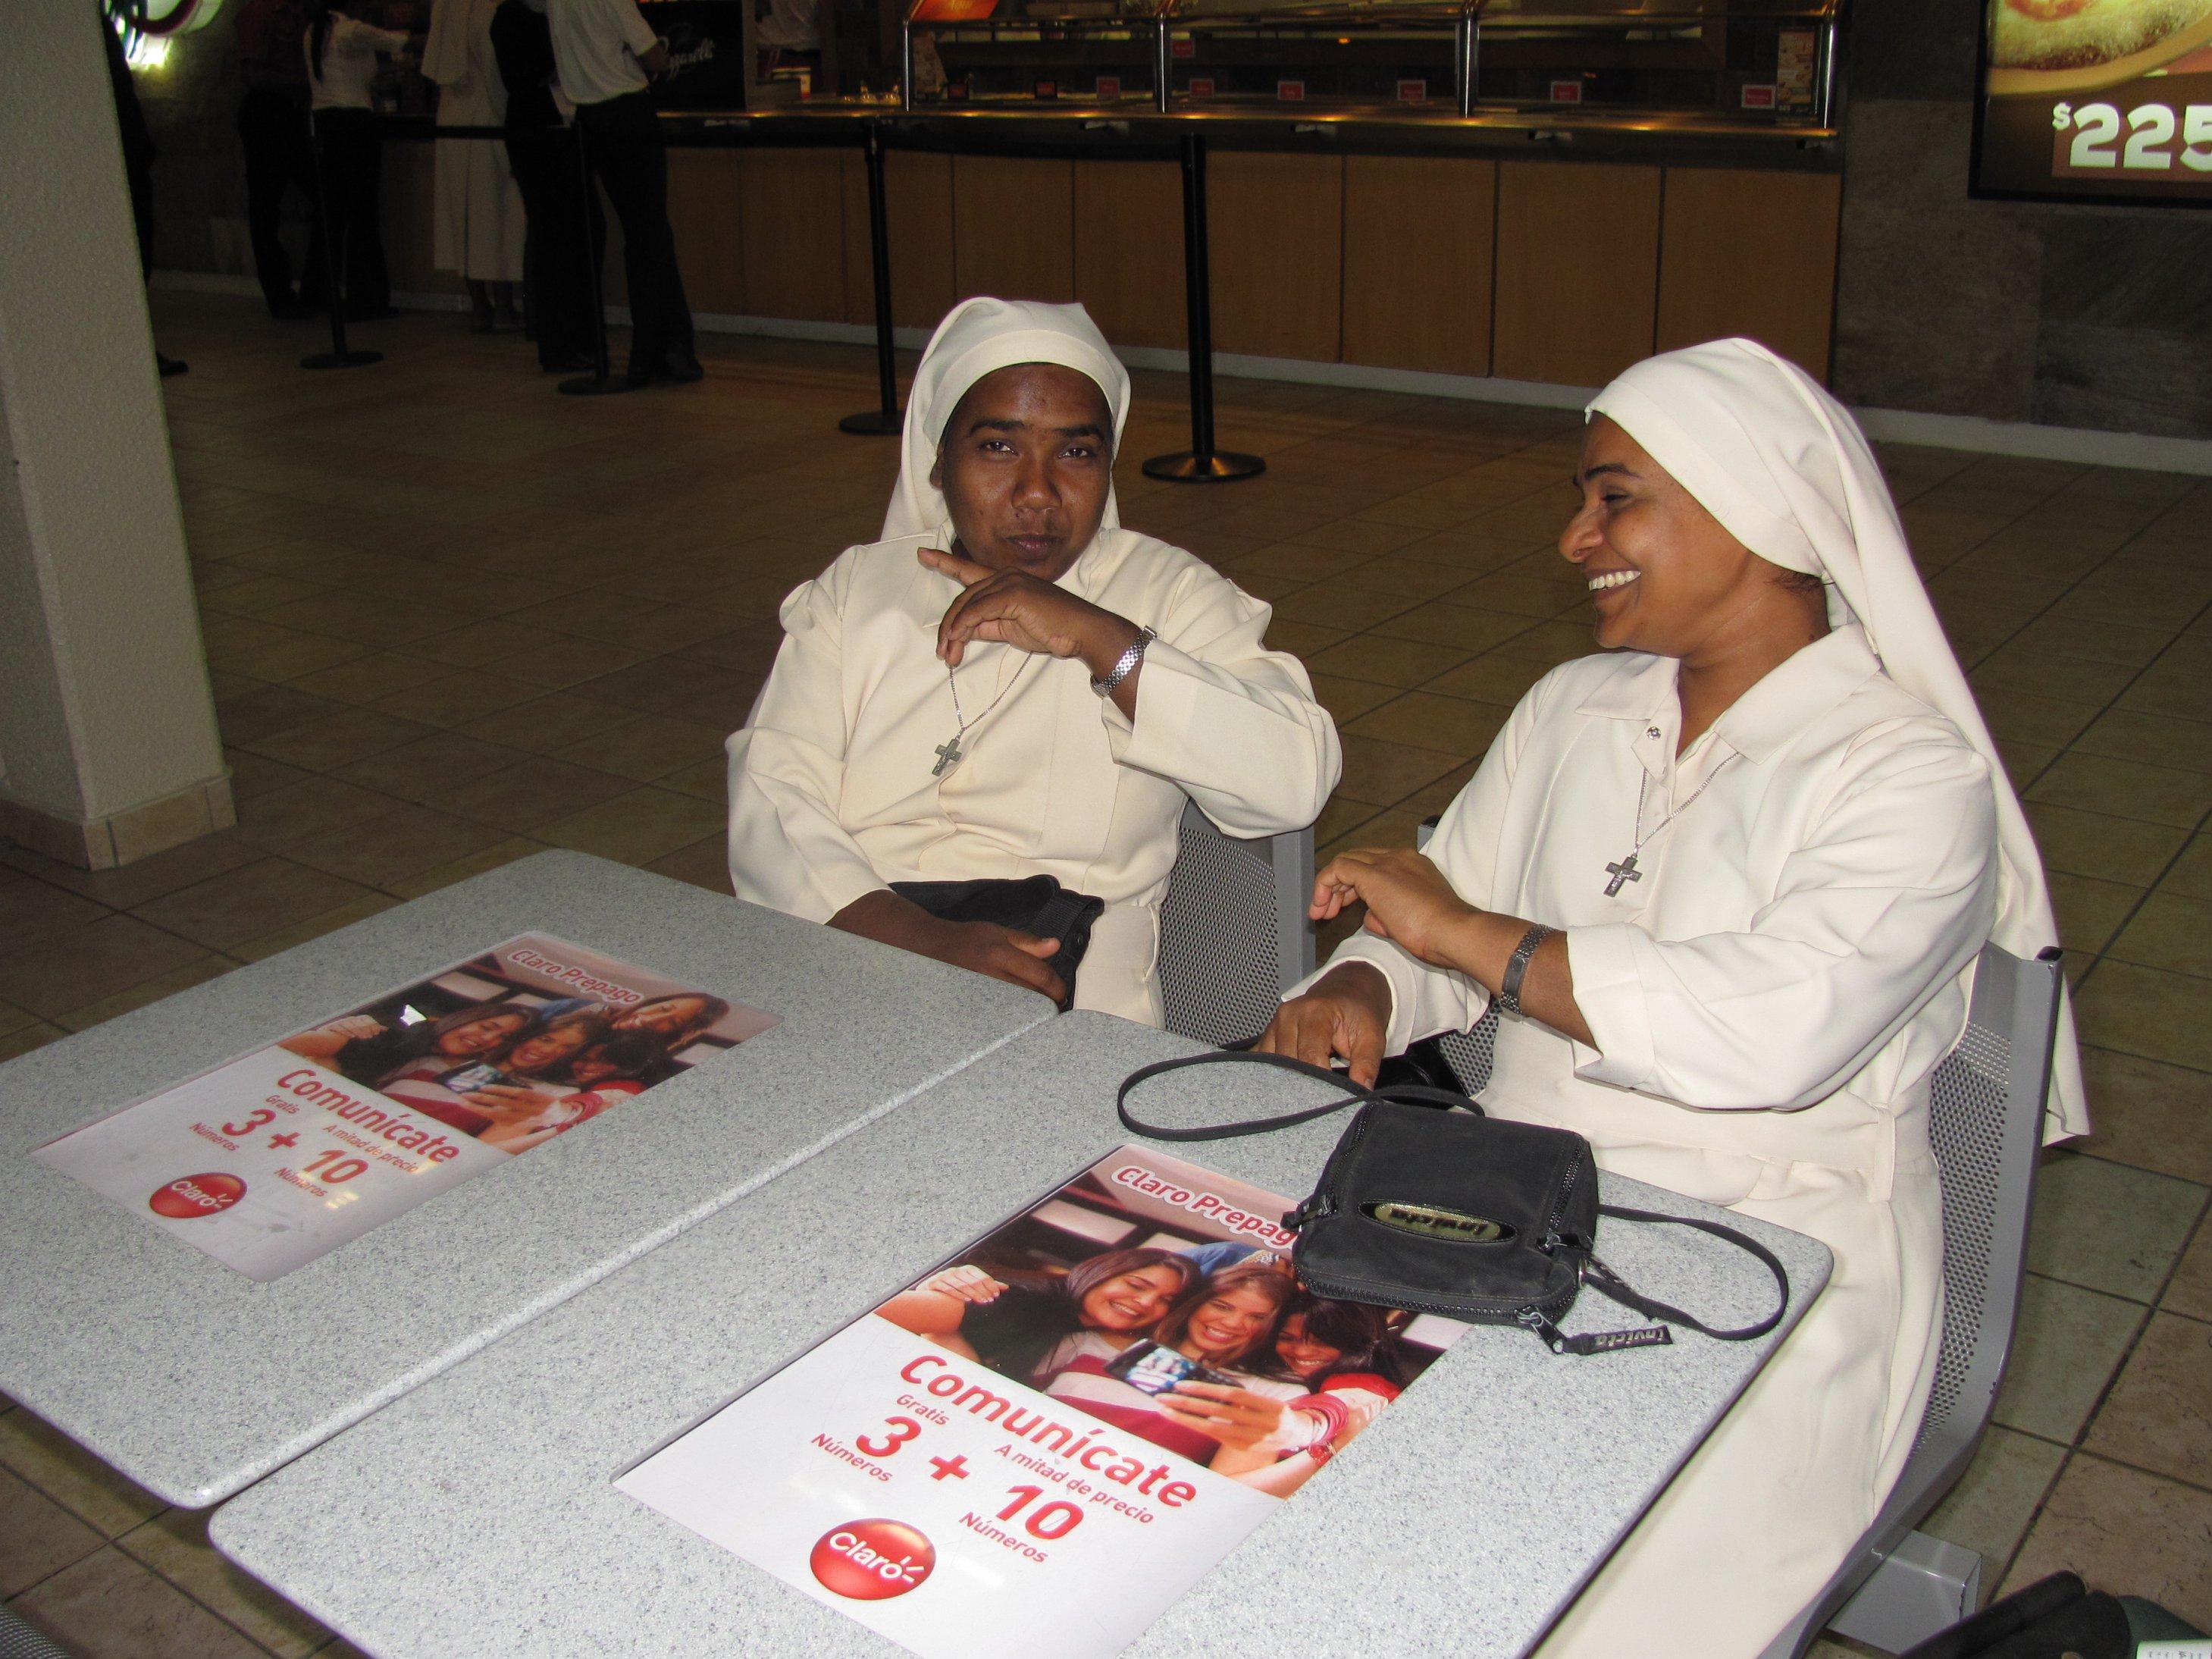 santo_domingo_aeroporto_2012-06-28-21-37-08